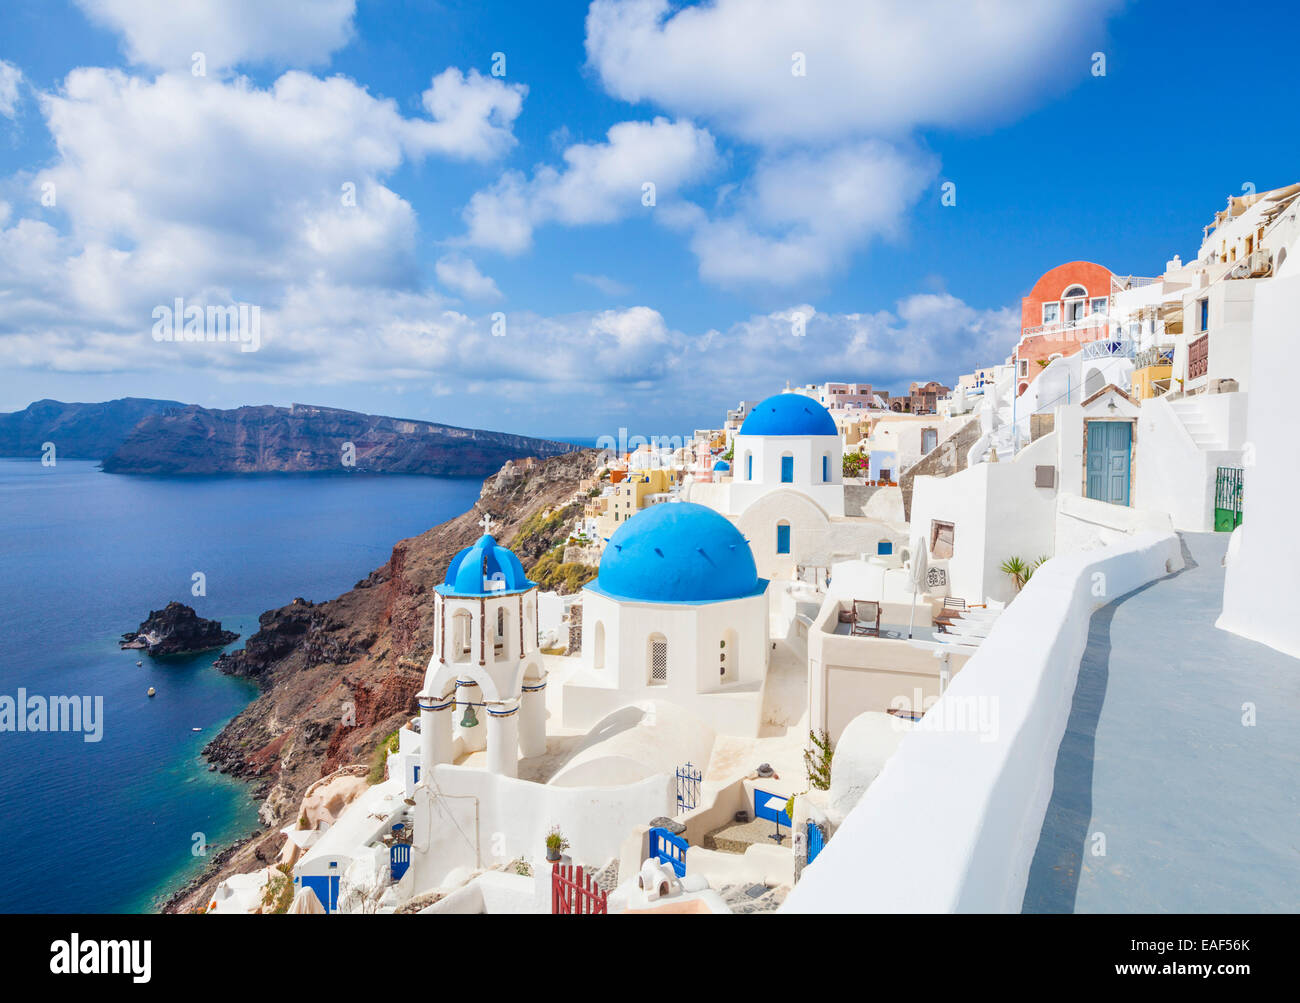 Weiße Häuser und blaue Kuppeln im Dorf Oia, Santorini, Thira, Kykladen, griechische Inseln, Griechenland, Stockbild